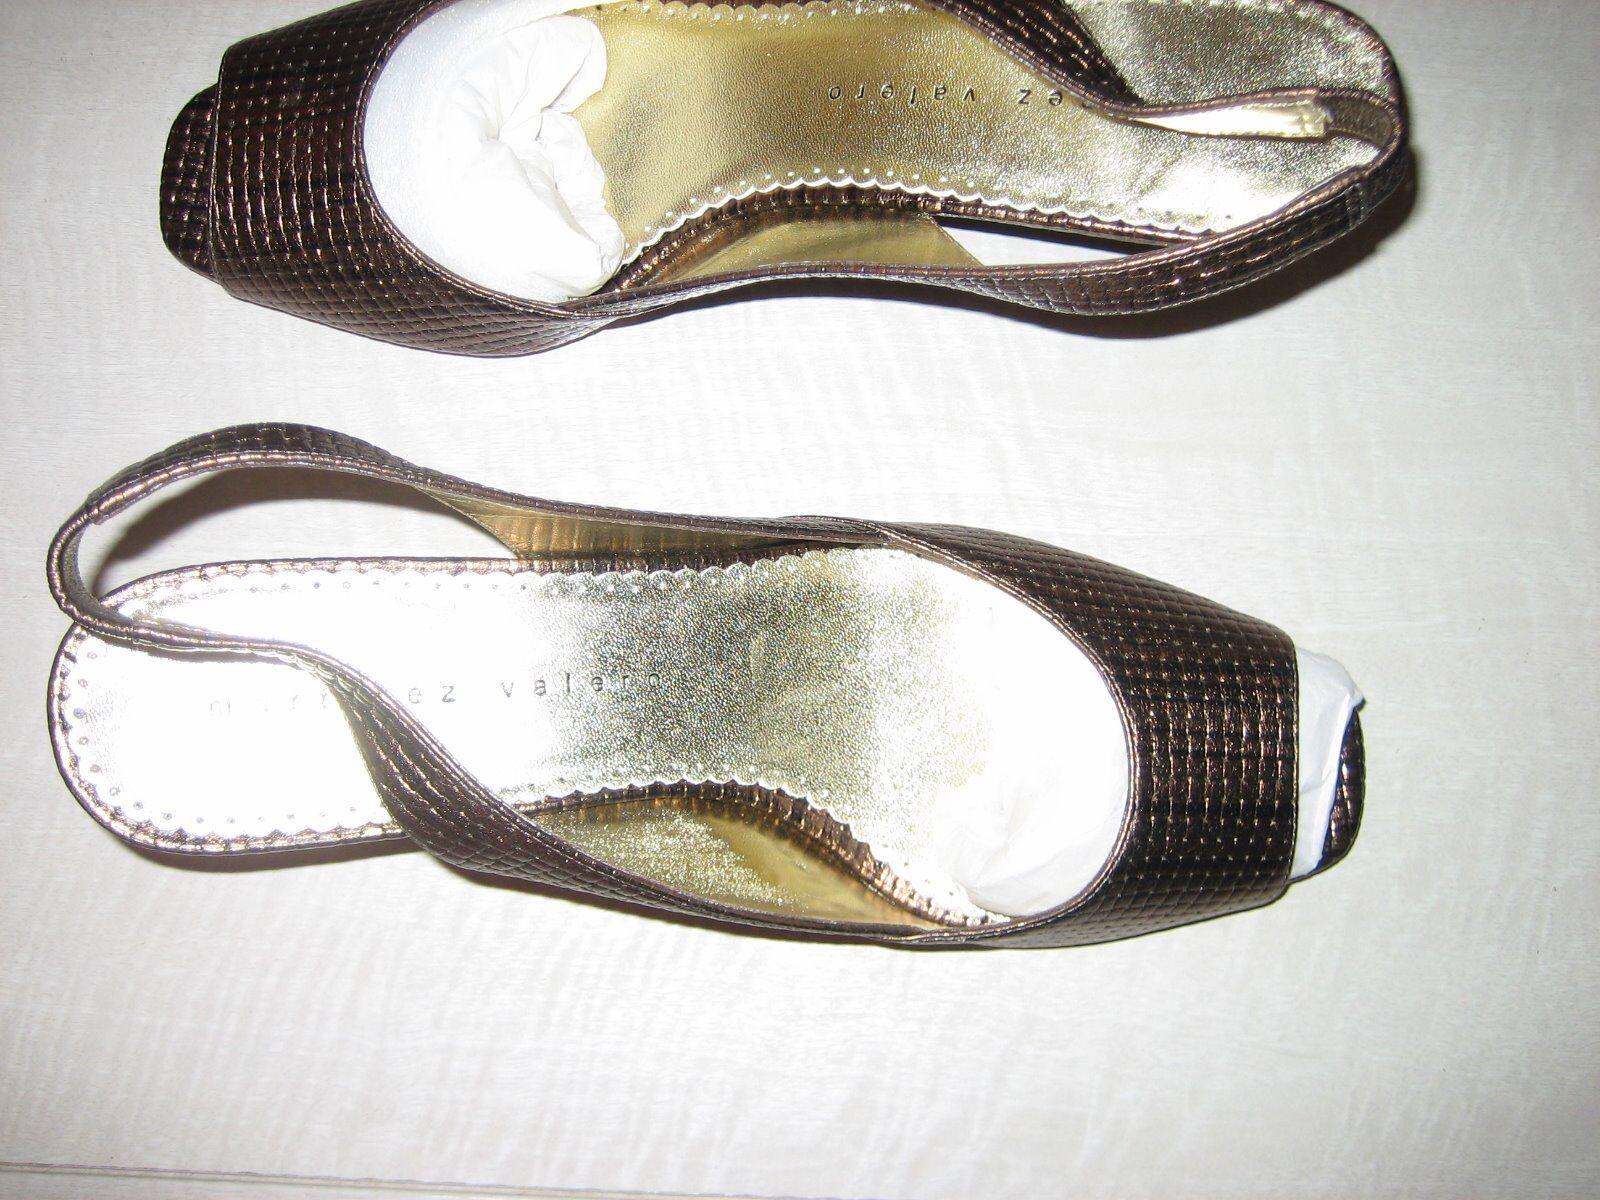 Martinez Valero woven bronze Leder never contouROT wedge - New never Leder been worn eb5222